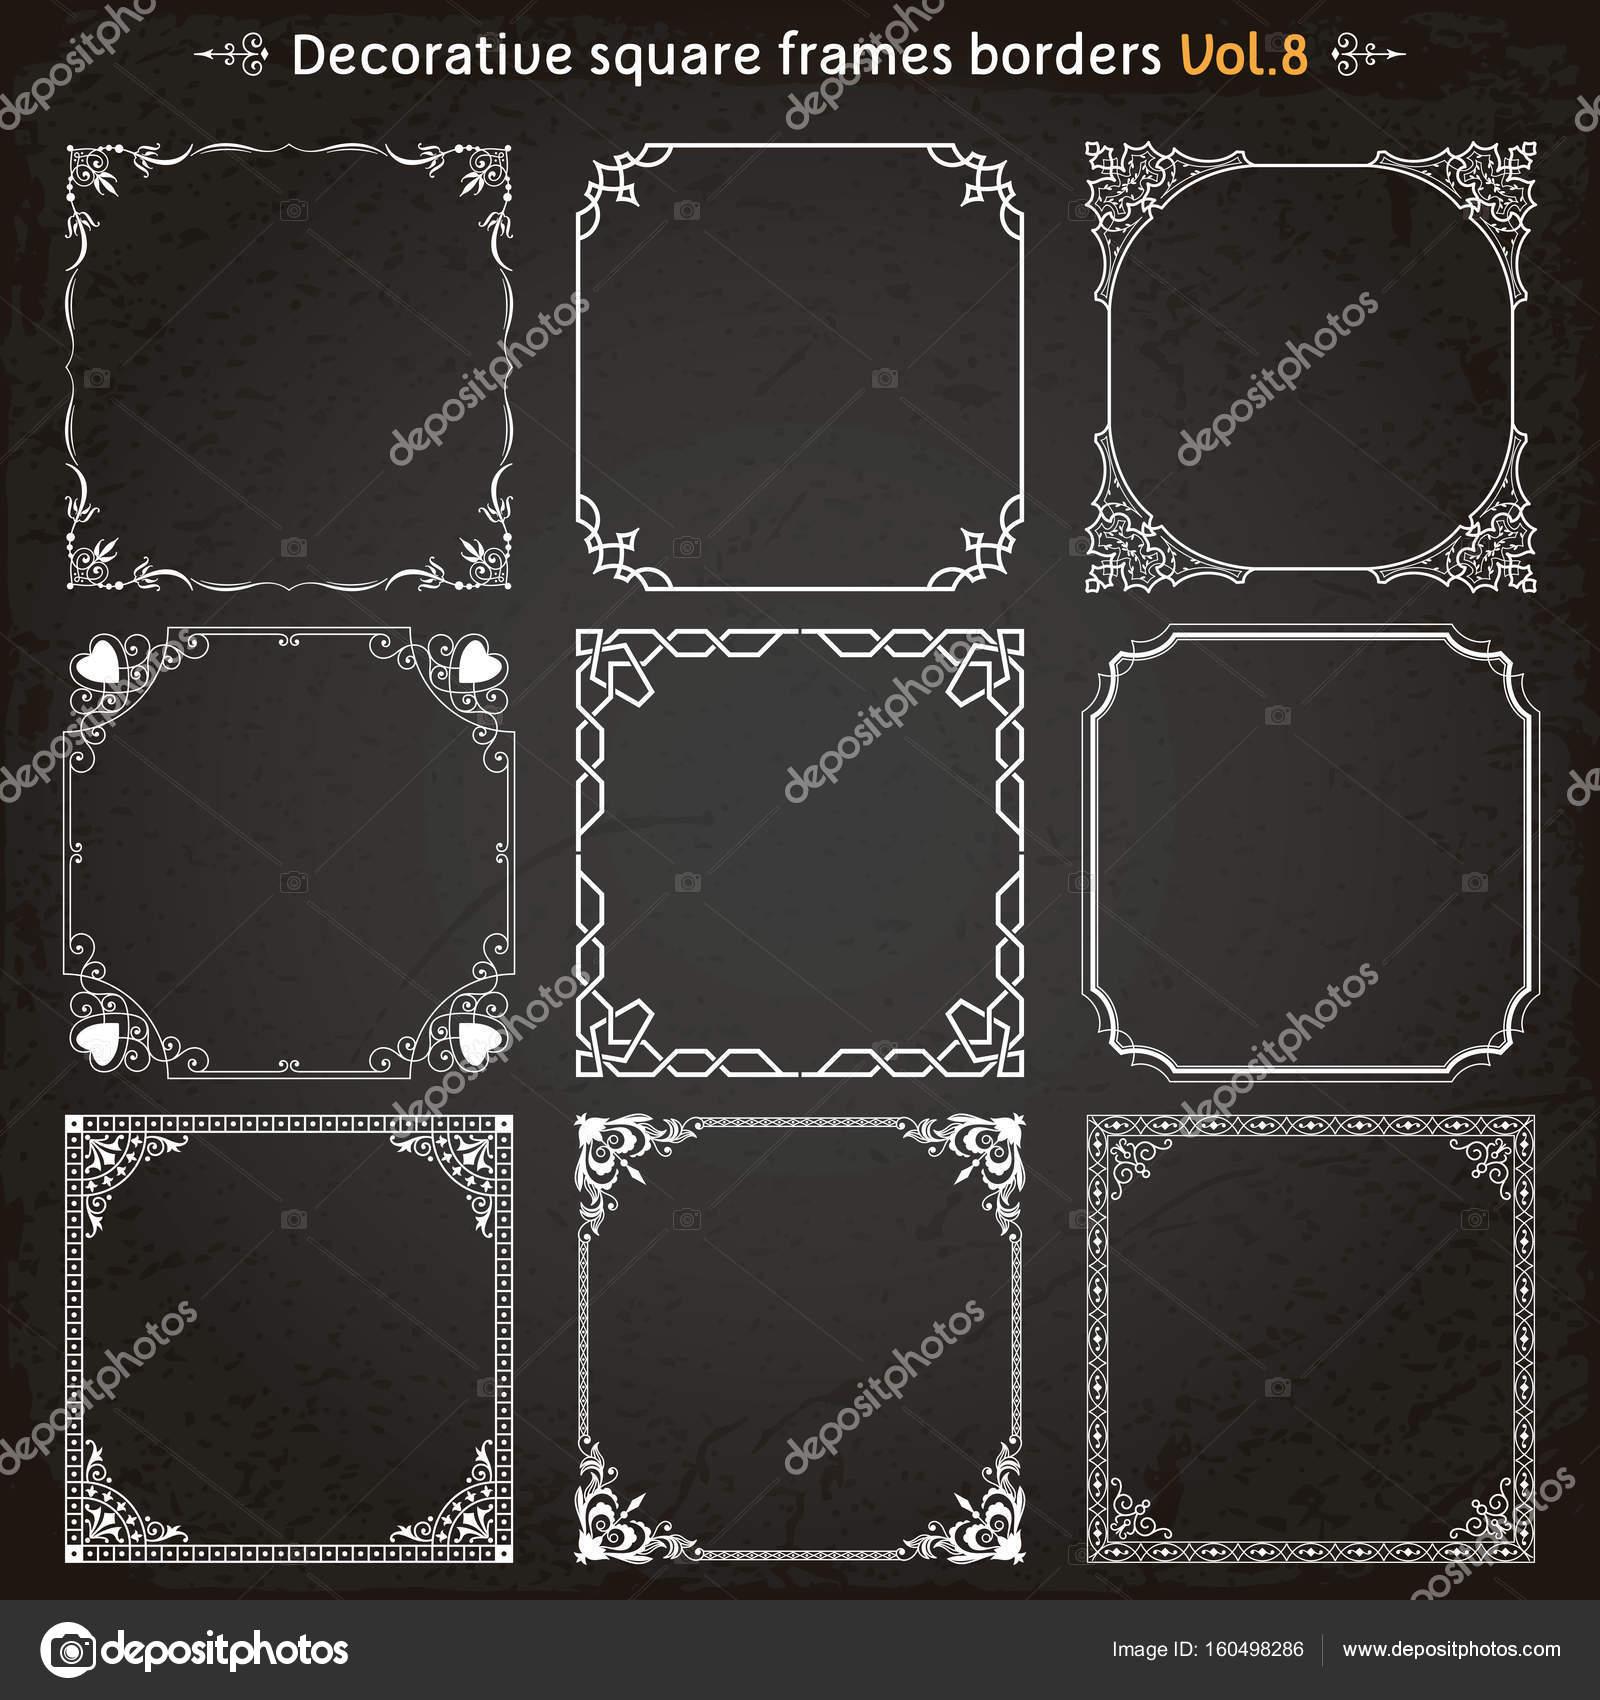 Bordi e cornici di quadri decorativi set vettoriale 8 - Quadri fonoassorbenti decorativi ...